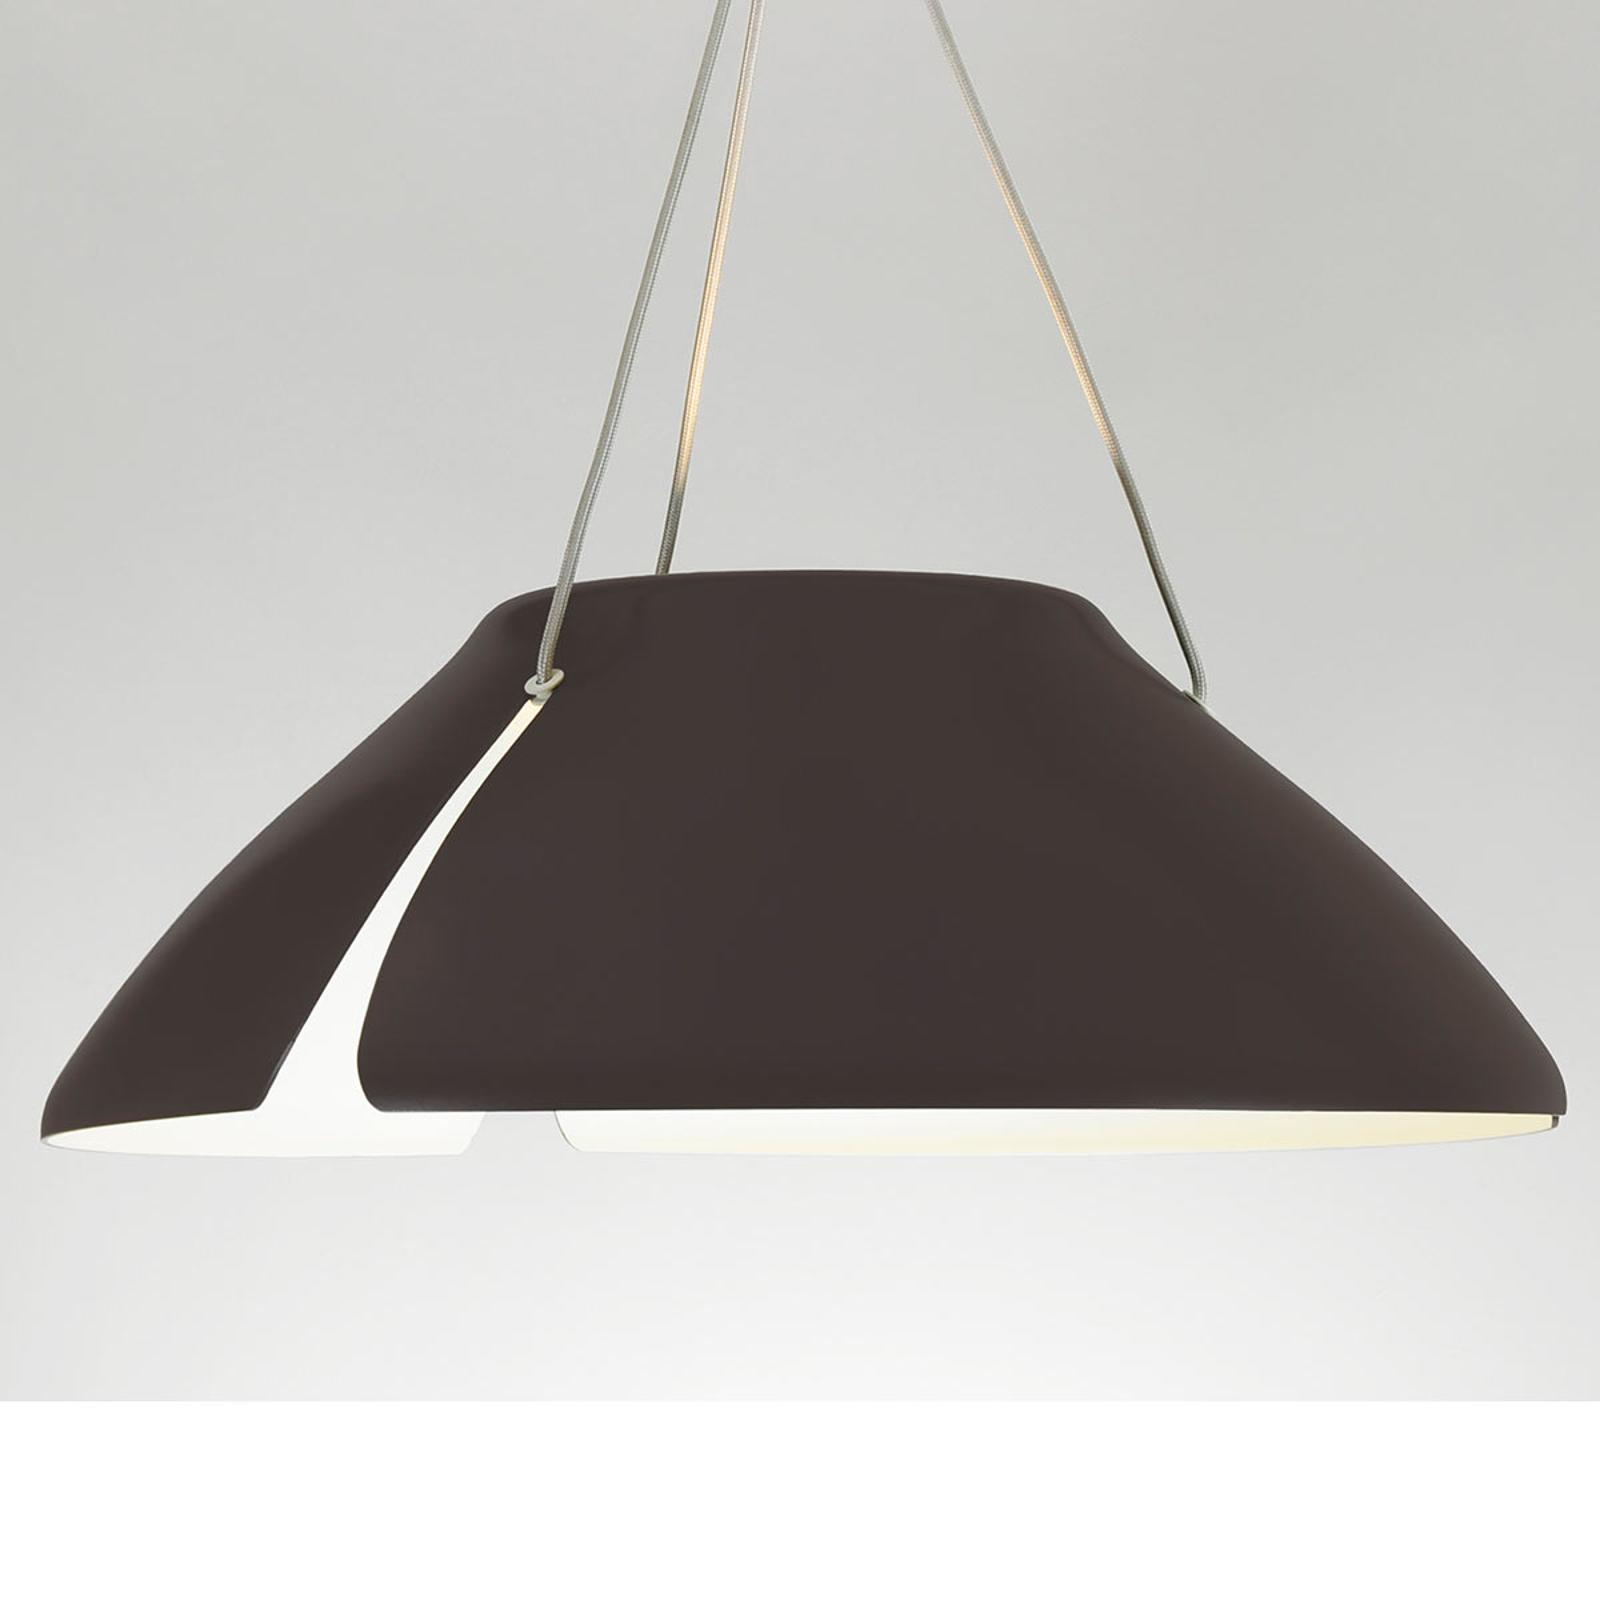 Braune LED-Hängeleuchte Ginkgo S50 50 cm